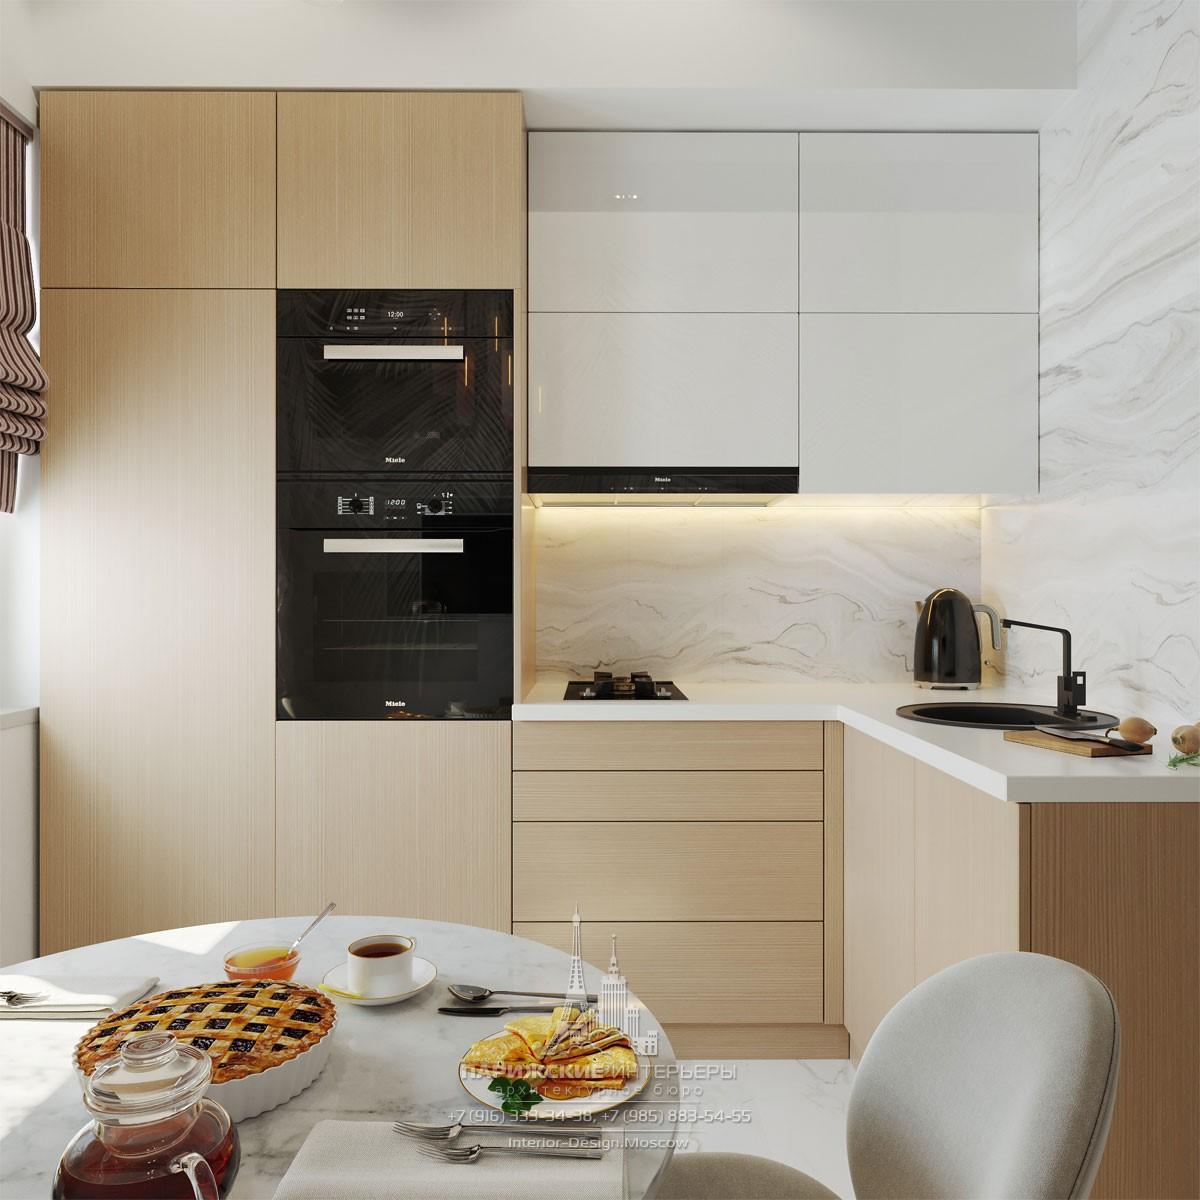 Современный дизайн маленькой кухни с угловой планировкой